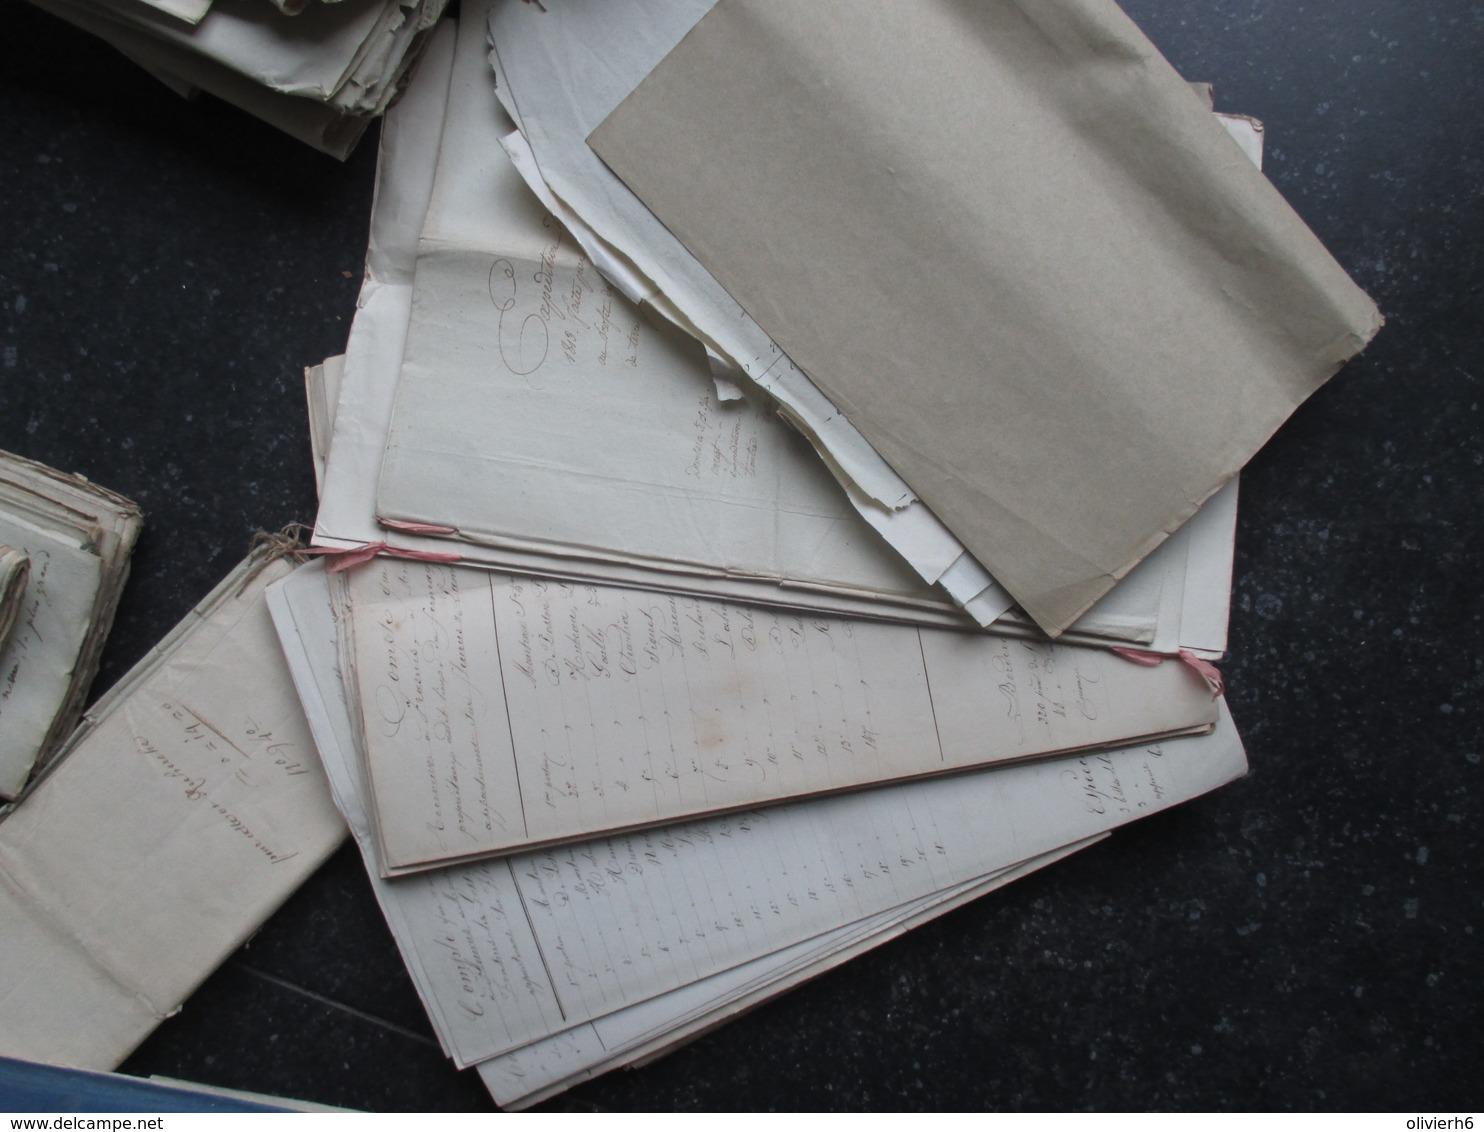 GROS LOT VP BELGIQUE (V1610) 18 & 19ème Siècle (7 Vues) Famille De Dobbeleer De Lalieux Lemercier Frasnes Lambusart Bry - Documents Historiques